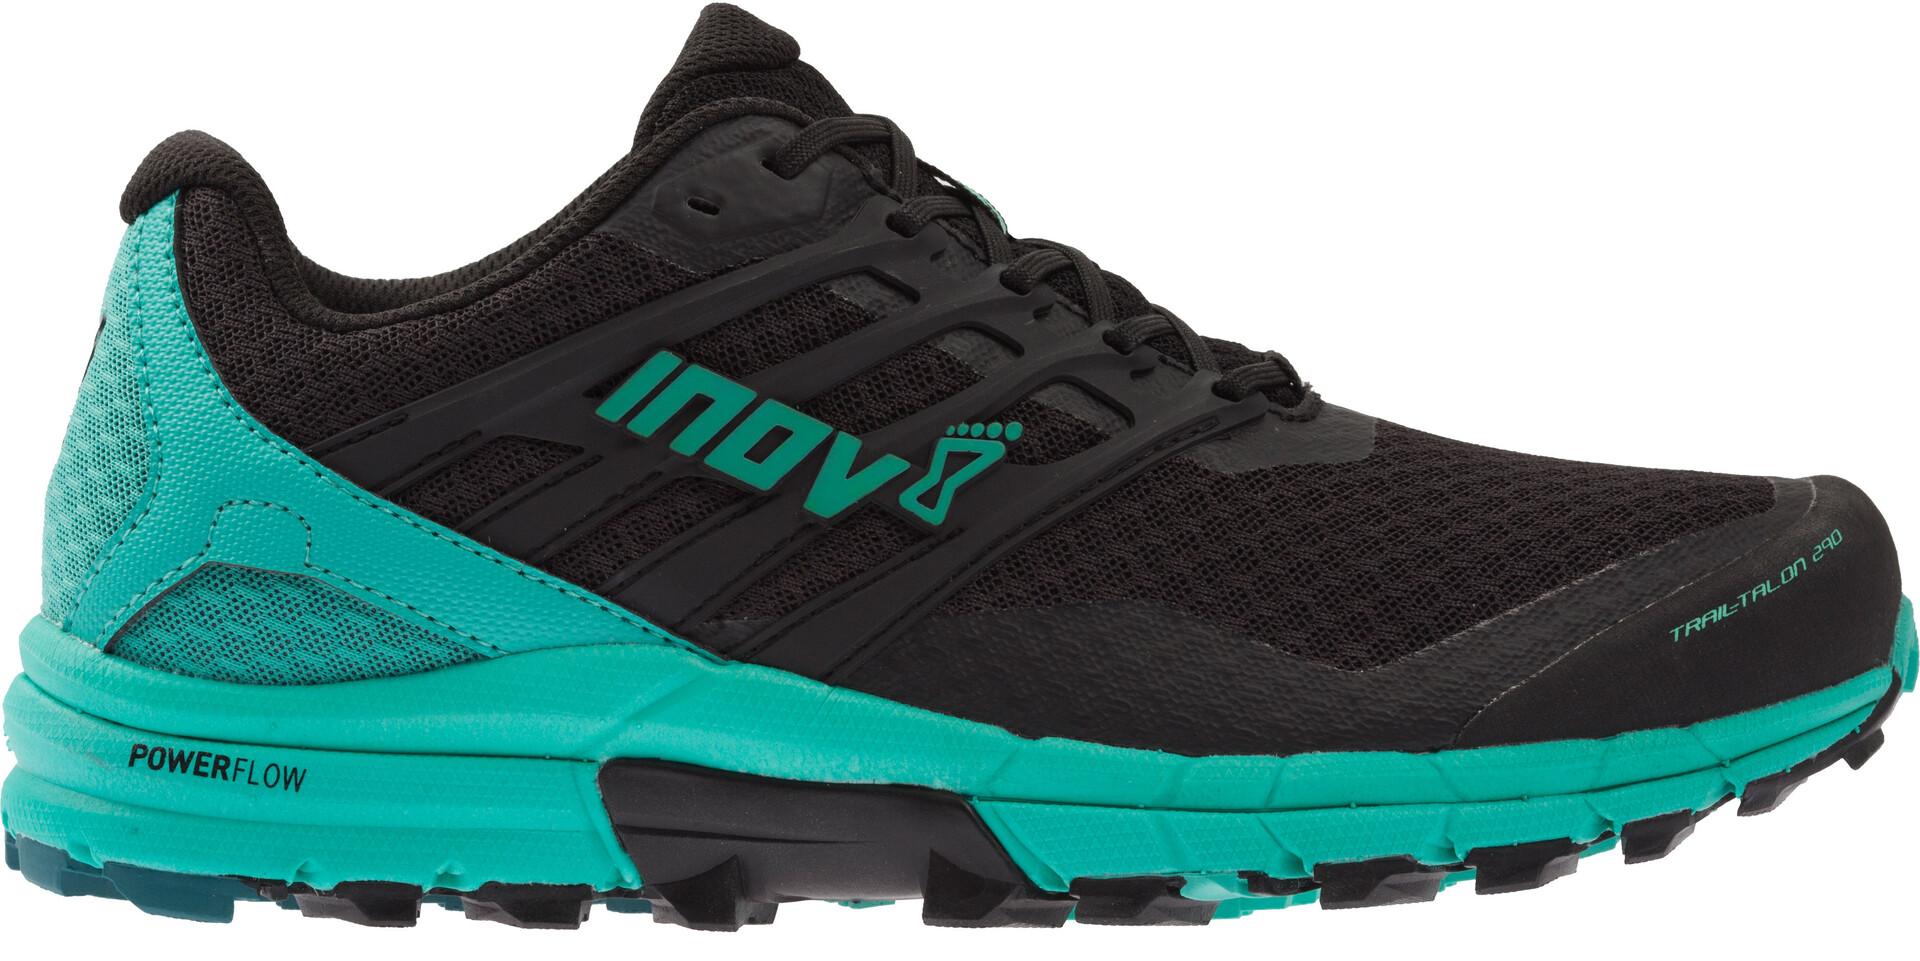 Noirturquoise Running 290 8 Femme Chaussures Inov Trailtalon BYqzxgg0